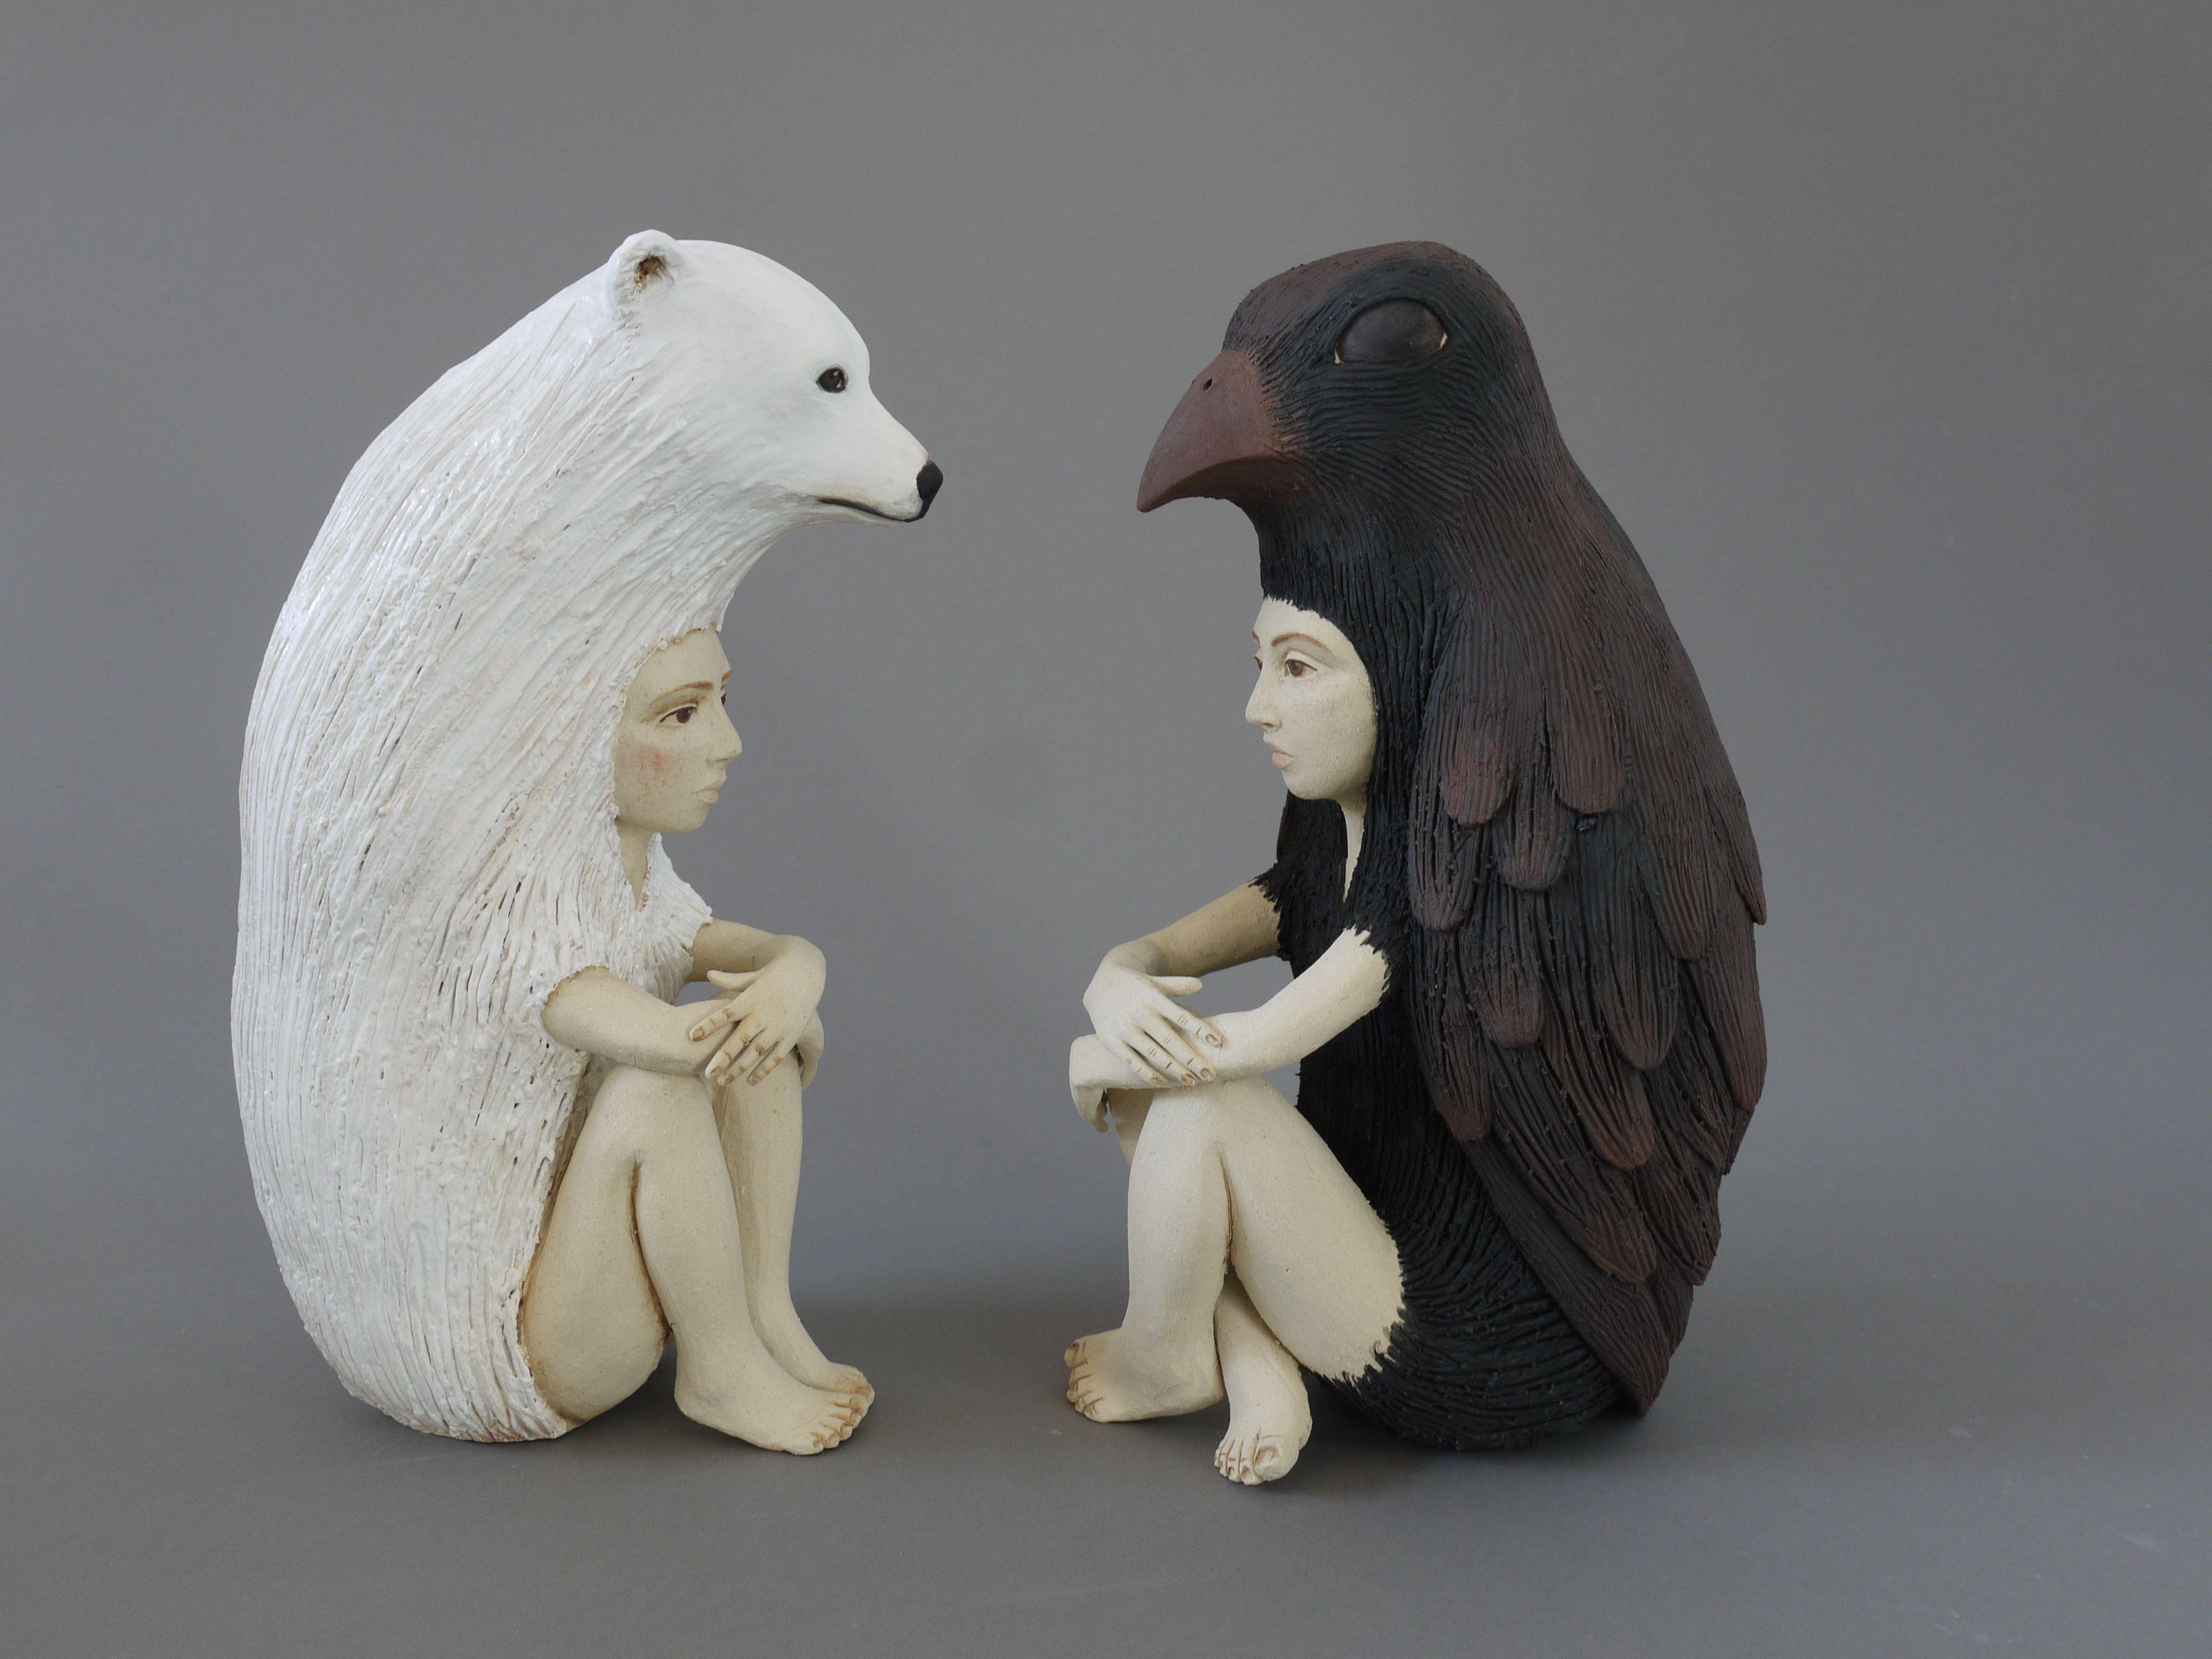 Crystal Morey Ceramic Sculptures Ceramic Sculpture Ceramic Art Sculpture